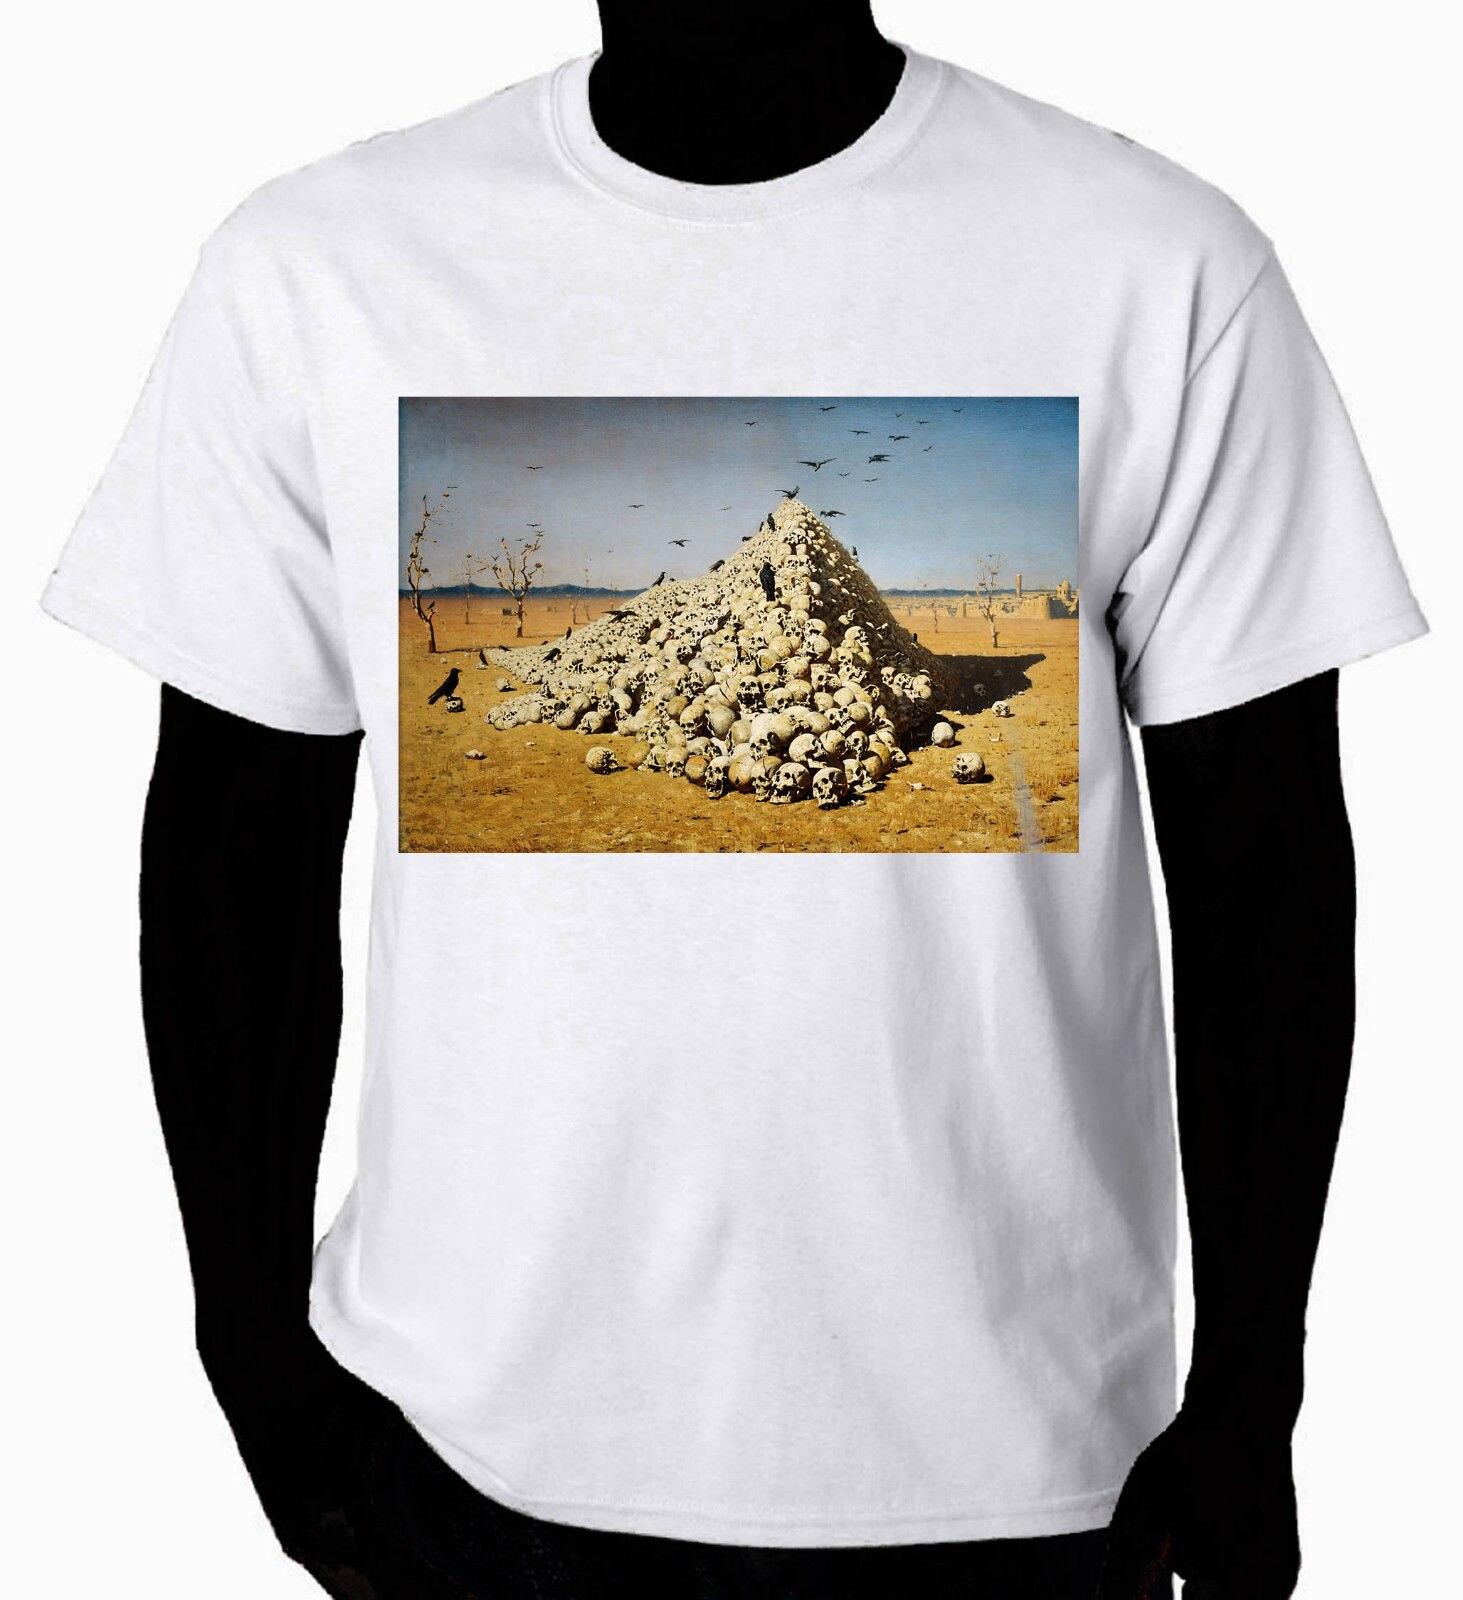 Camiseta artística la apoteosis de la guerra, camiseta a la moda para hombre, Camiseta de algodón Natural a la venta, camiseta de moda para hombre 2017